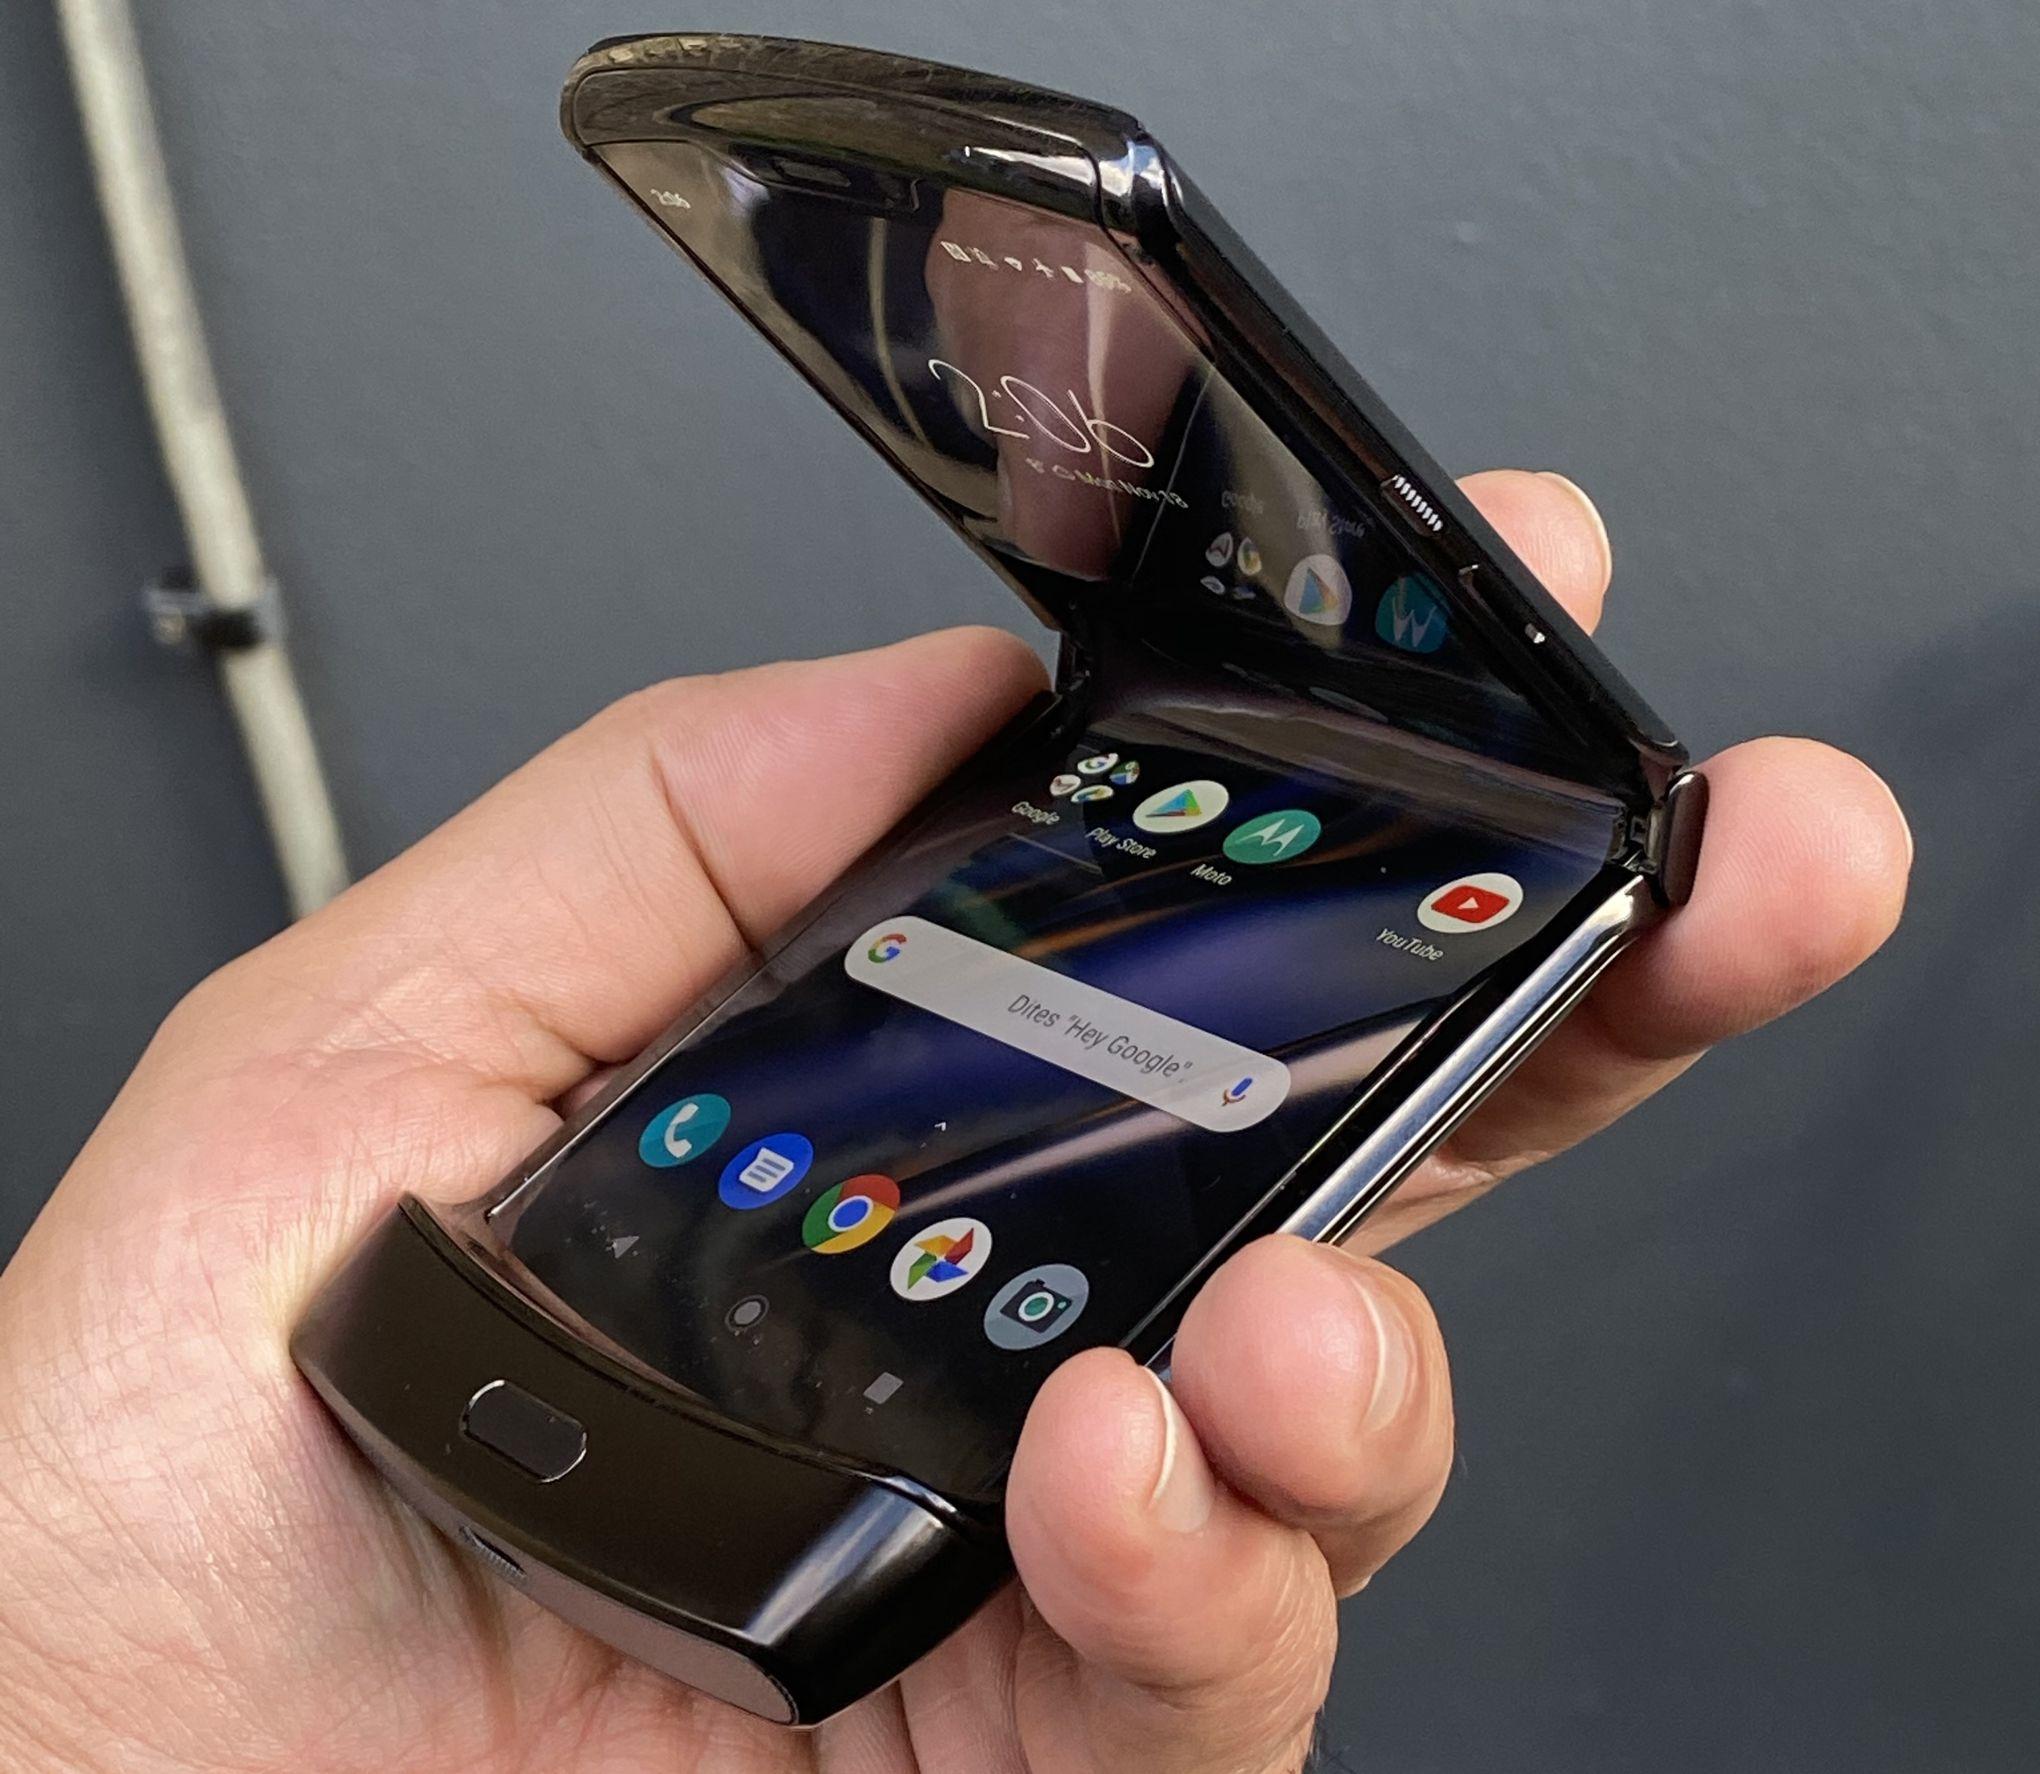 Motorola ressuscite le Razr, son modèle historique à clapet, avec un écran pliable